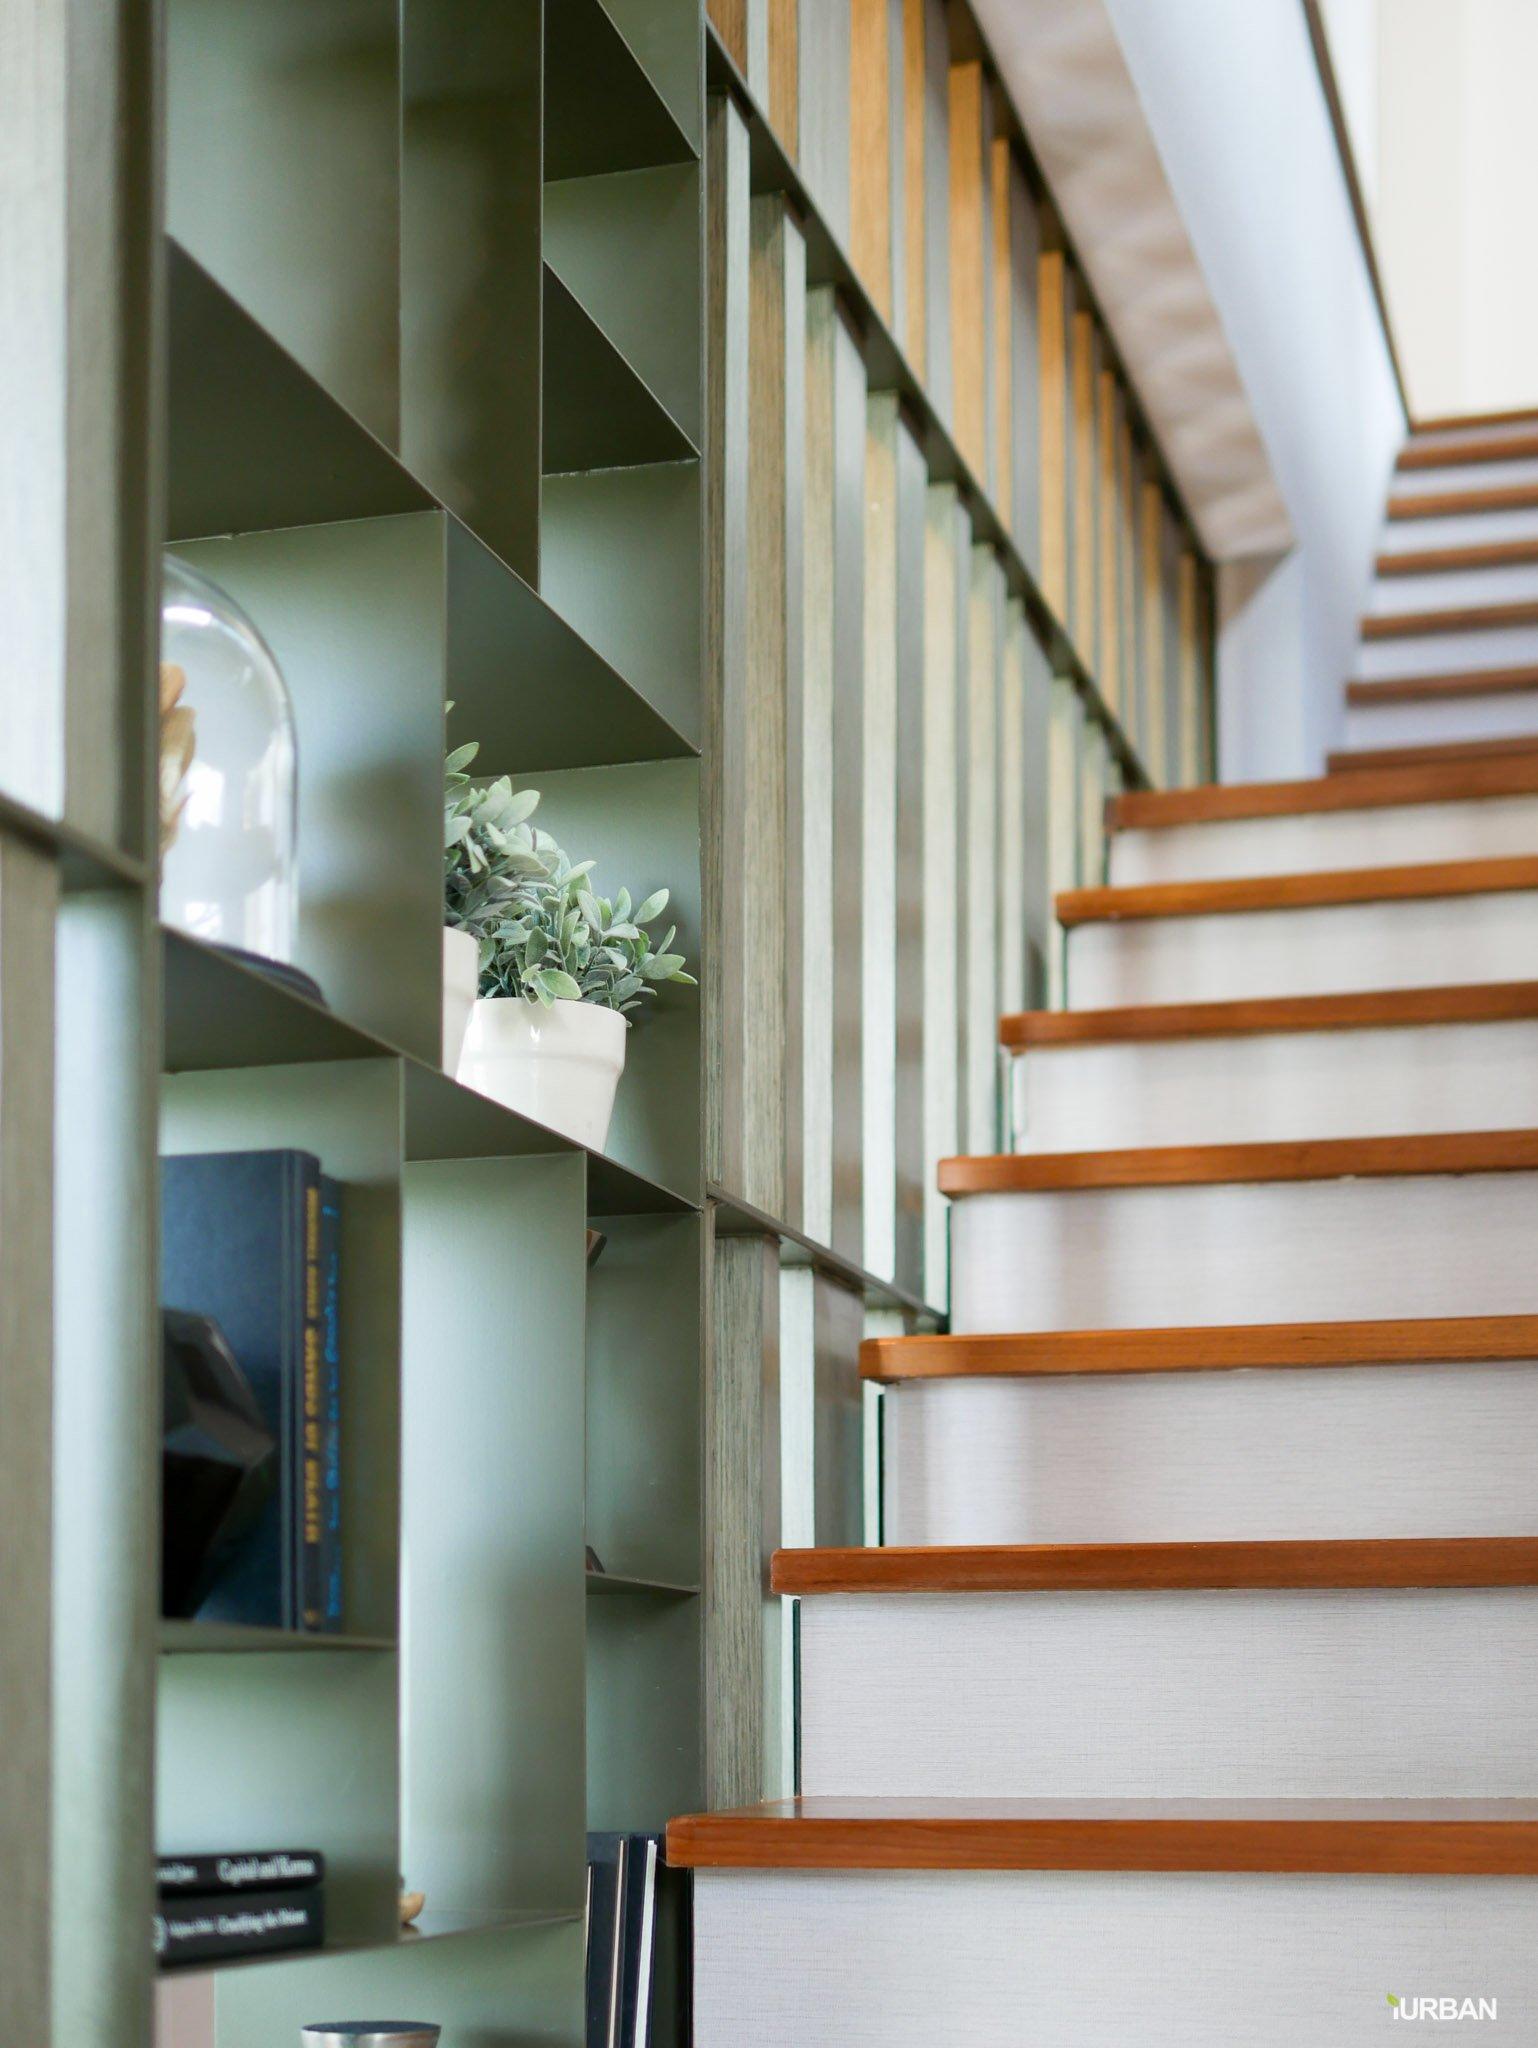 รีวิว Nirvana Beyond พระราม 2 บ้านที่ออกแบบทุกดีเทลเพื่อความสุขทุก GEN ของครอบครัวใหญ่ 104 - Beyond